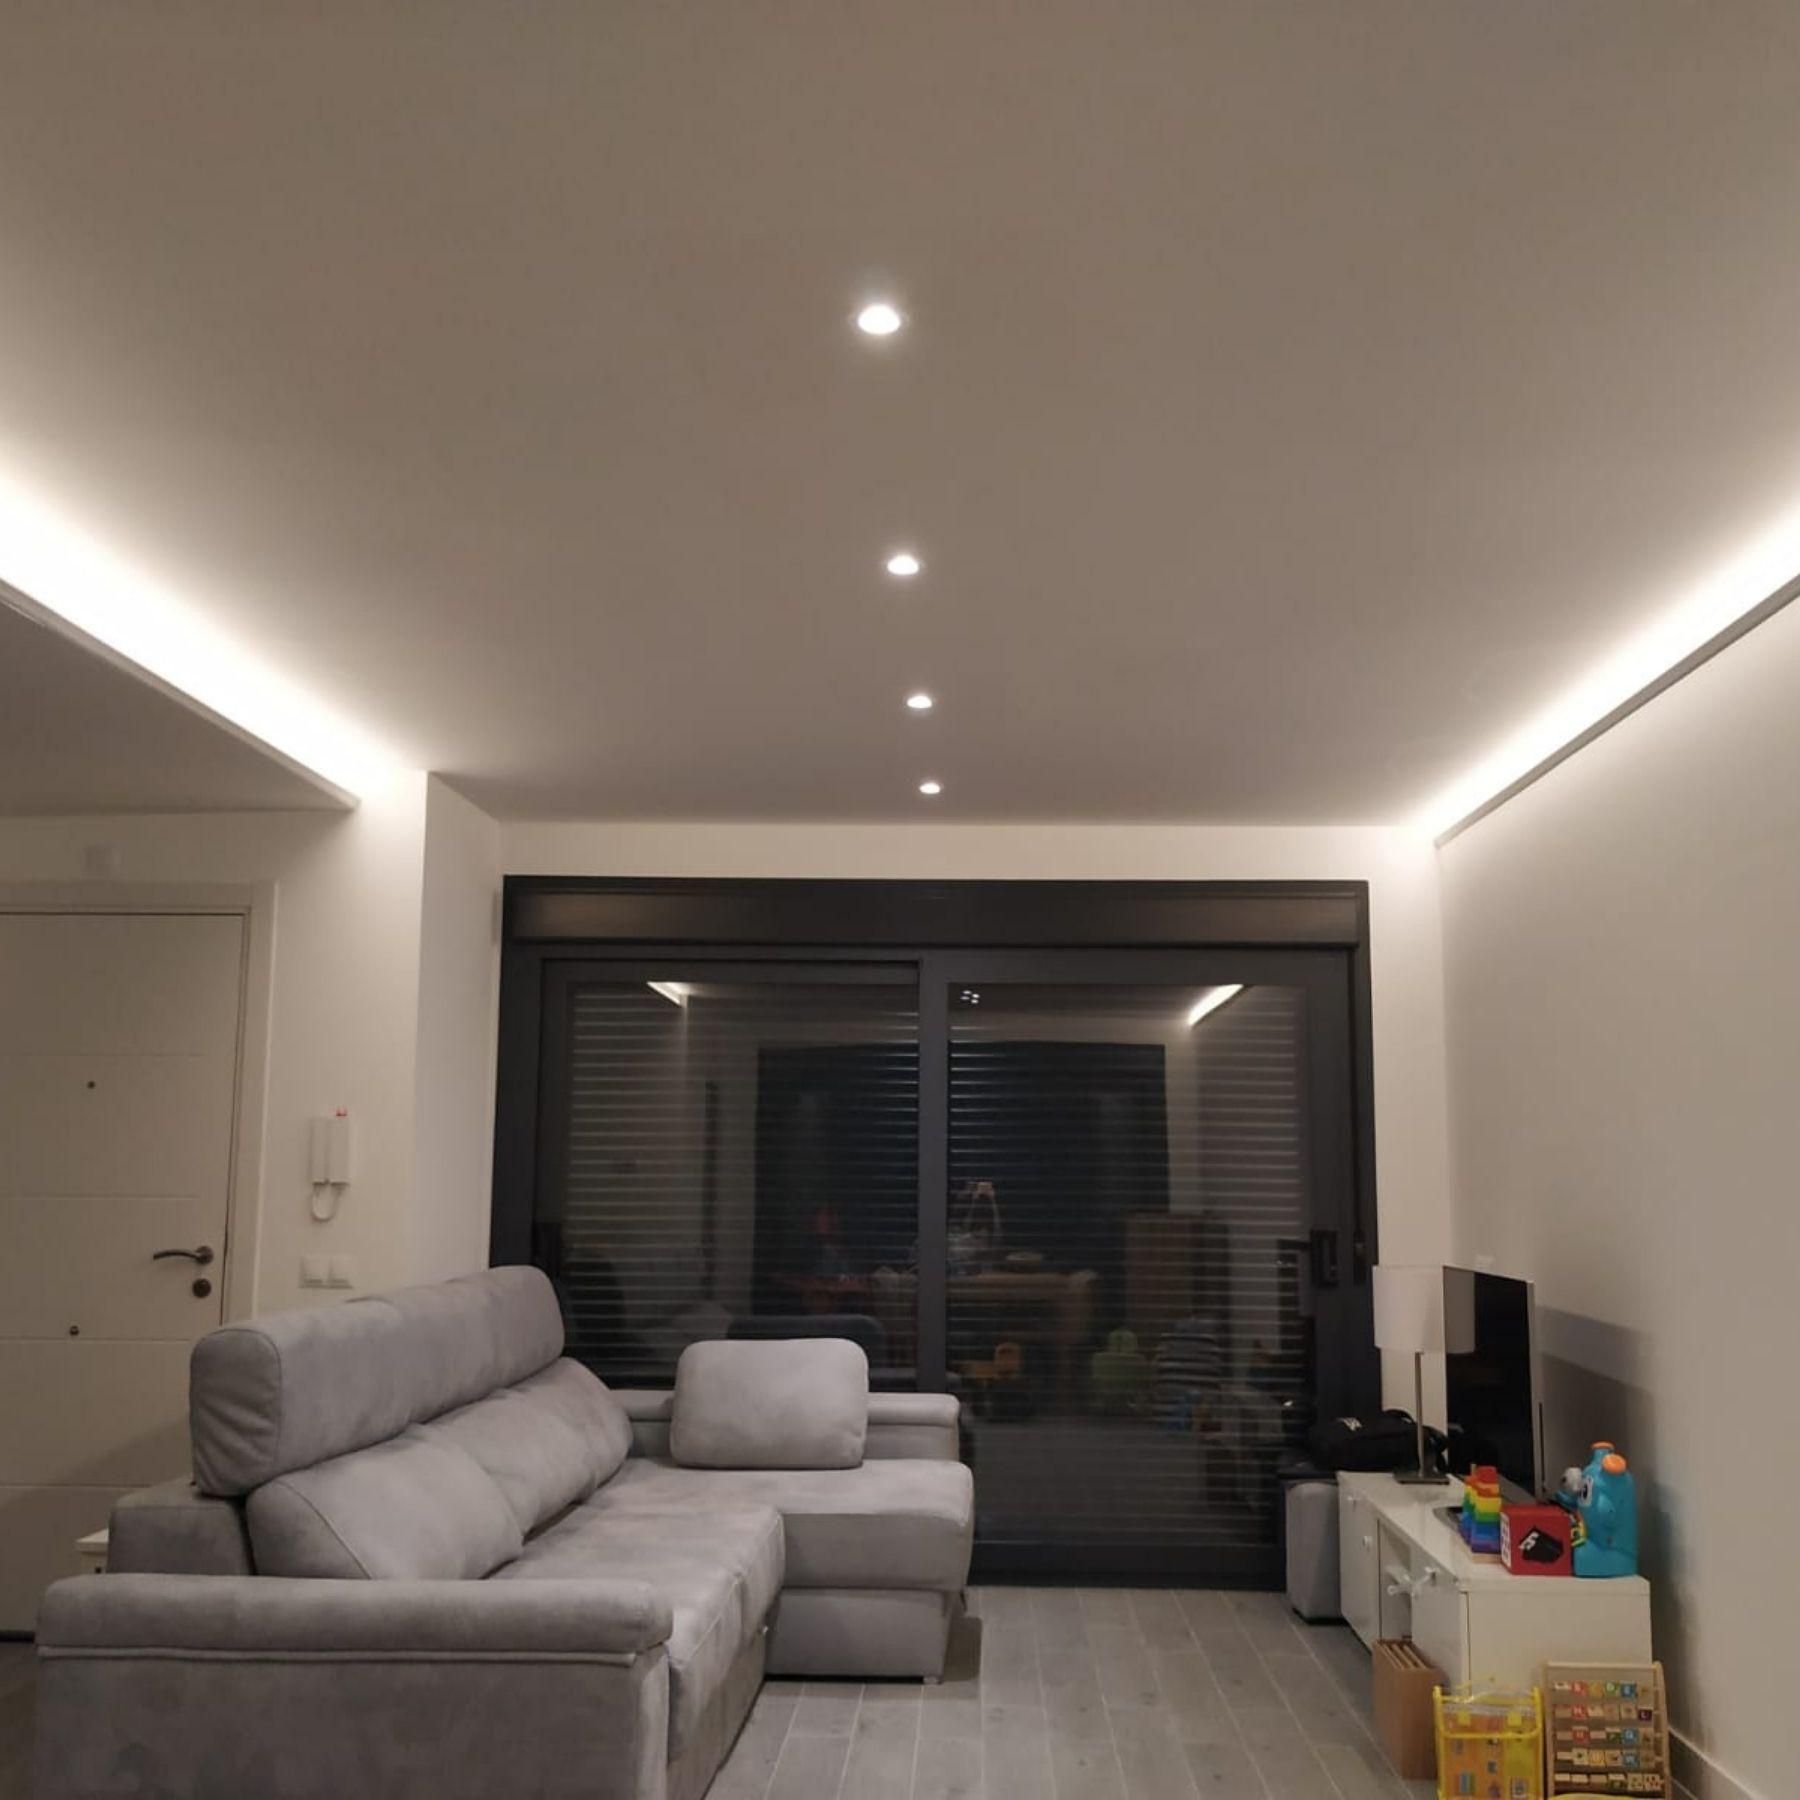 iluminación focos led salón vivienda